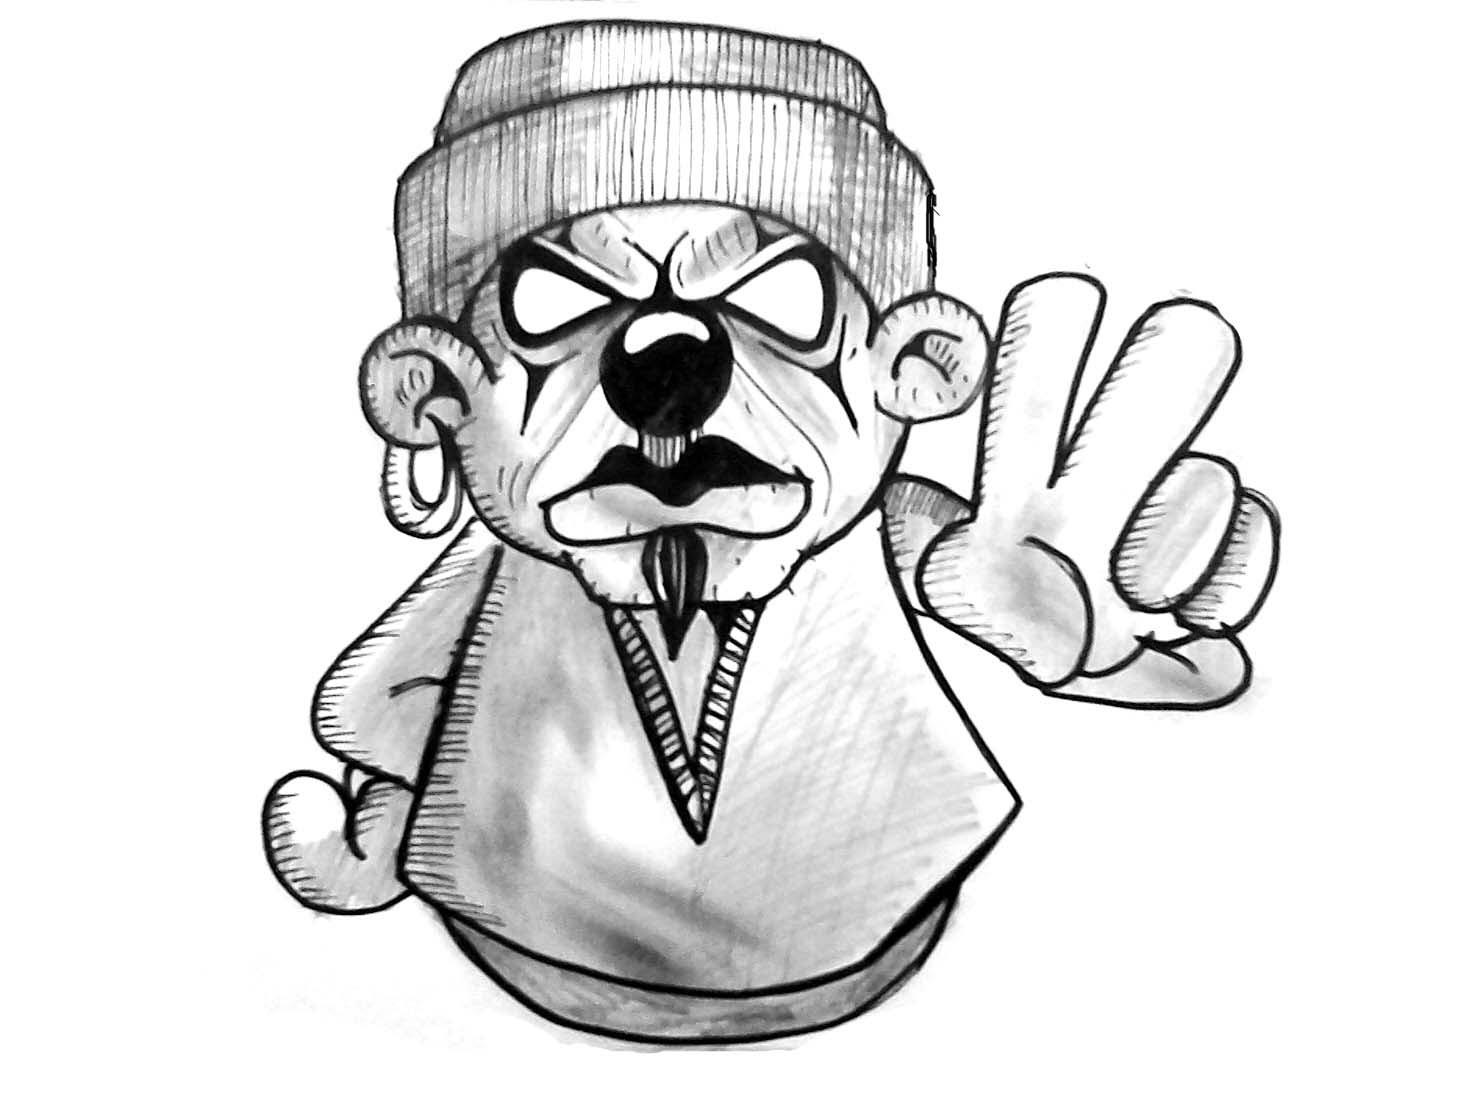 1458x1095 Gangster Graffiti Drawings